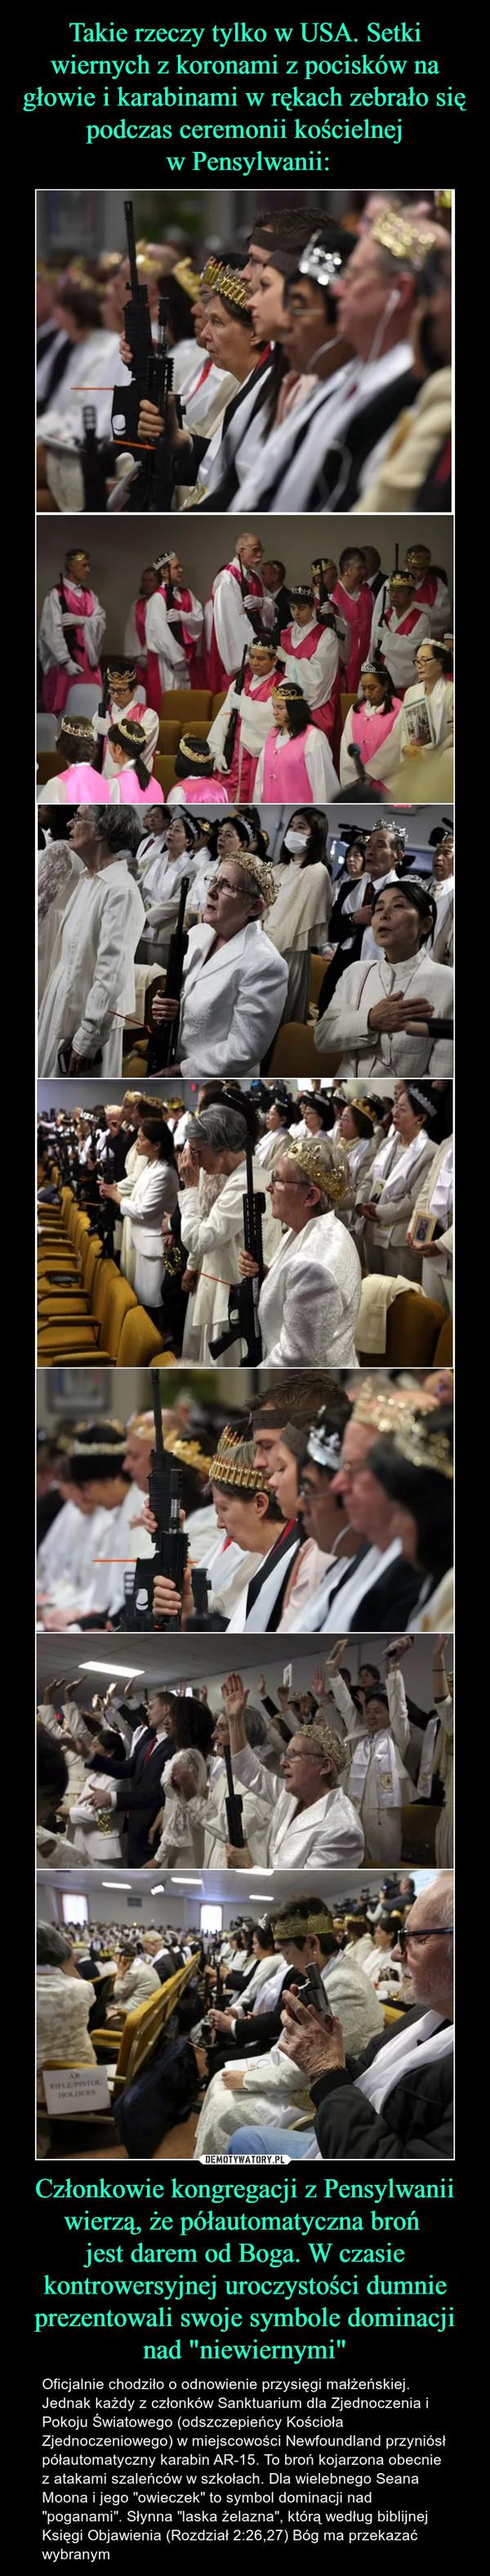 """Członkowie kongregacji z Pensylwanii wierzą, że półautomatyczna broń jest darem od Boga. W czasie kontrowersyjnej uroczystości dumnie prezentowali swoje symbole dominacji nad """"niewiernymi"""" – Oficjalnie chodziło o odnowienie przysięgi małżeńskiej. Jednak każdy z członków Sanktuarium dla Zjednoczenia i Pokoju Światowego (odszczepieńcy Kościoła Zjednoczeniowego) w miejscowości Newfoundland przyniósł półautomatyczny karabin AR-15. To broń kojarzona obecnie z atakami szaleńców w szkołach. Dla wielebnego Seana Moona i jego """"owieczek"""" to symbol dominacji nad """"poganami"""". Słynna """"laska żelazna"""", którą według biblijnej Księgi Objawienia (Rozdział 2:26,27) Bóg ma przekazać wybranym"""